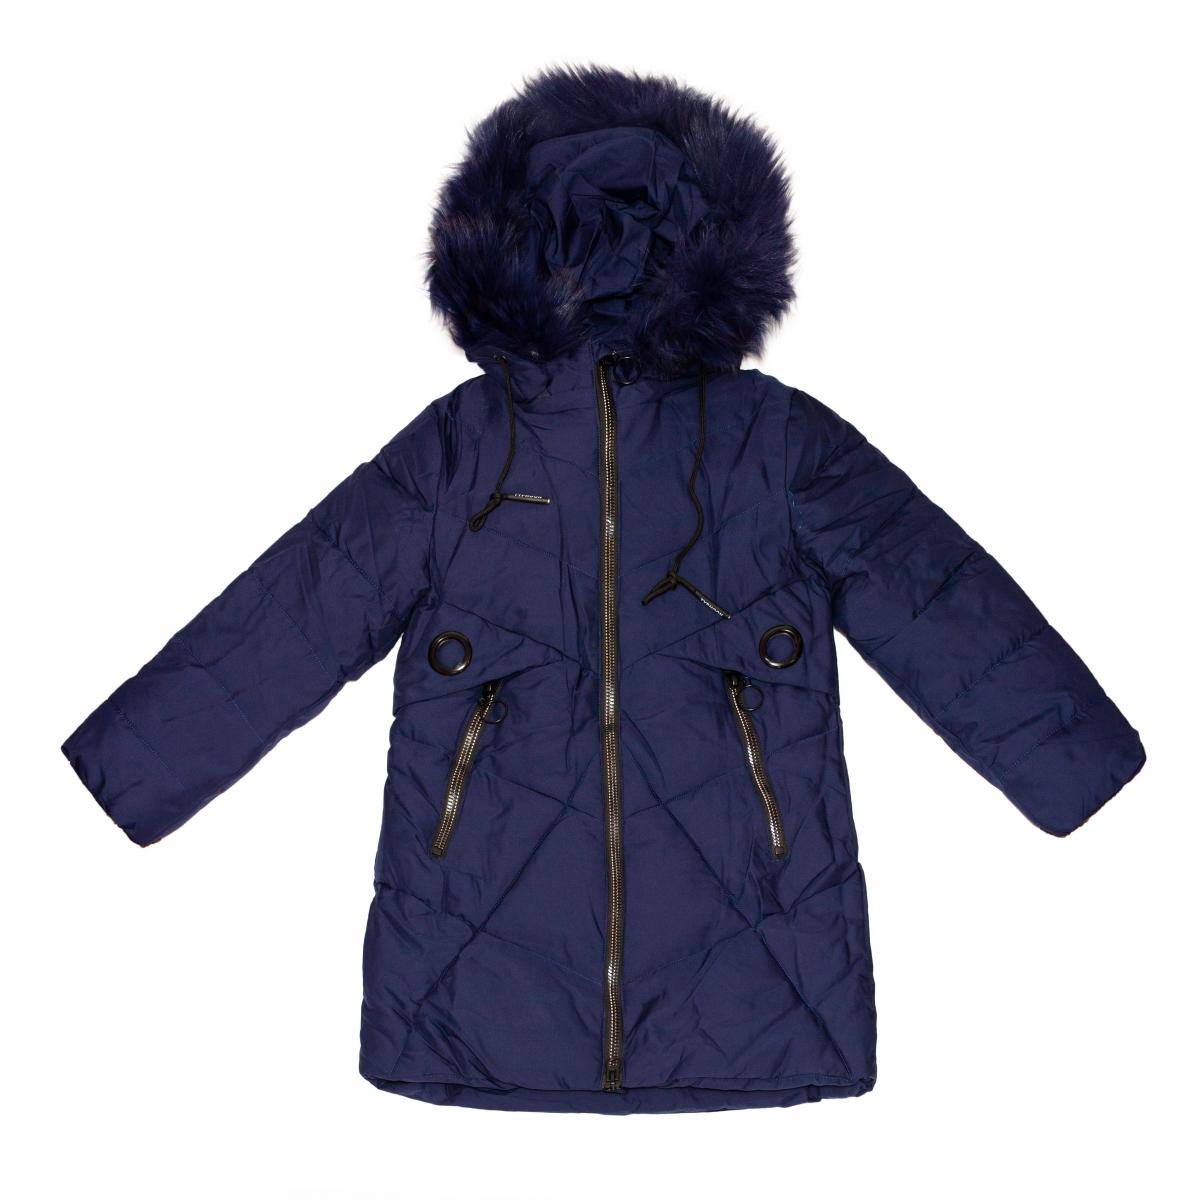 Geci lungi fete groase de iarna 2156 blu 128-164cm